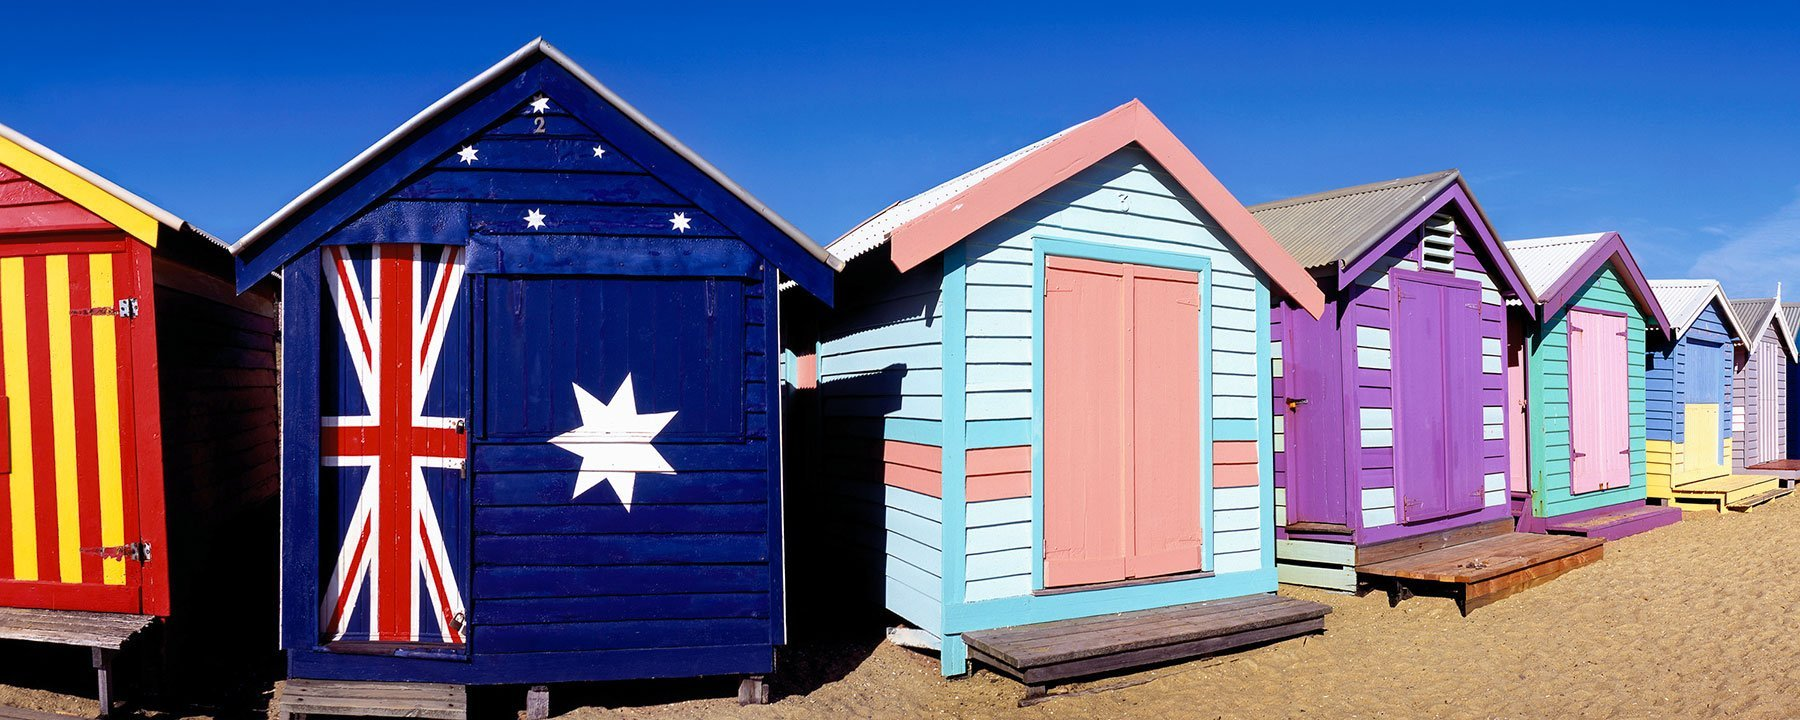 Brighton Beach Huts, Melbourne, Australia